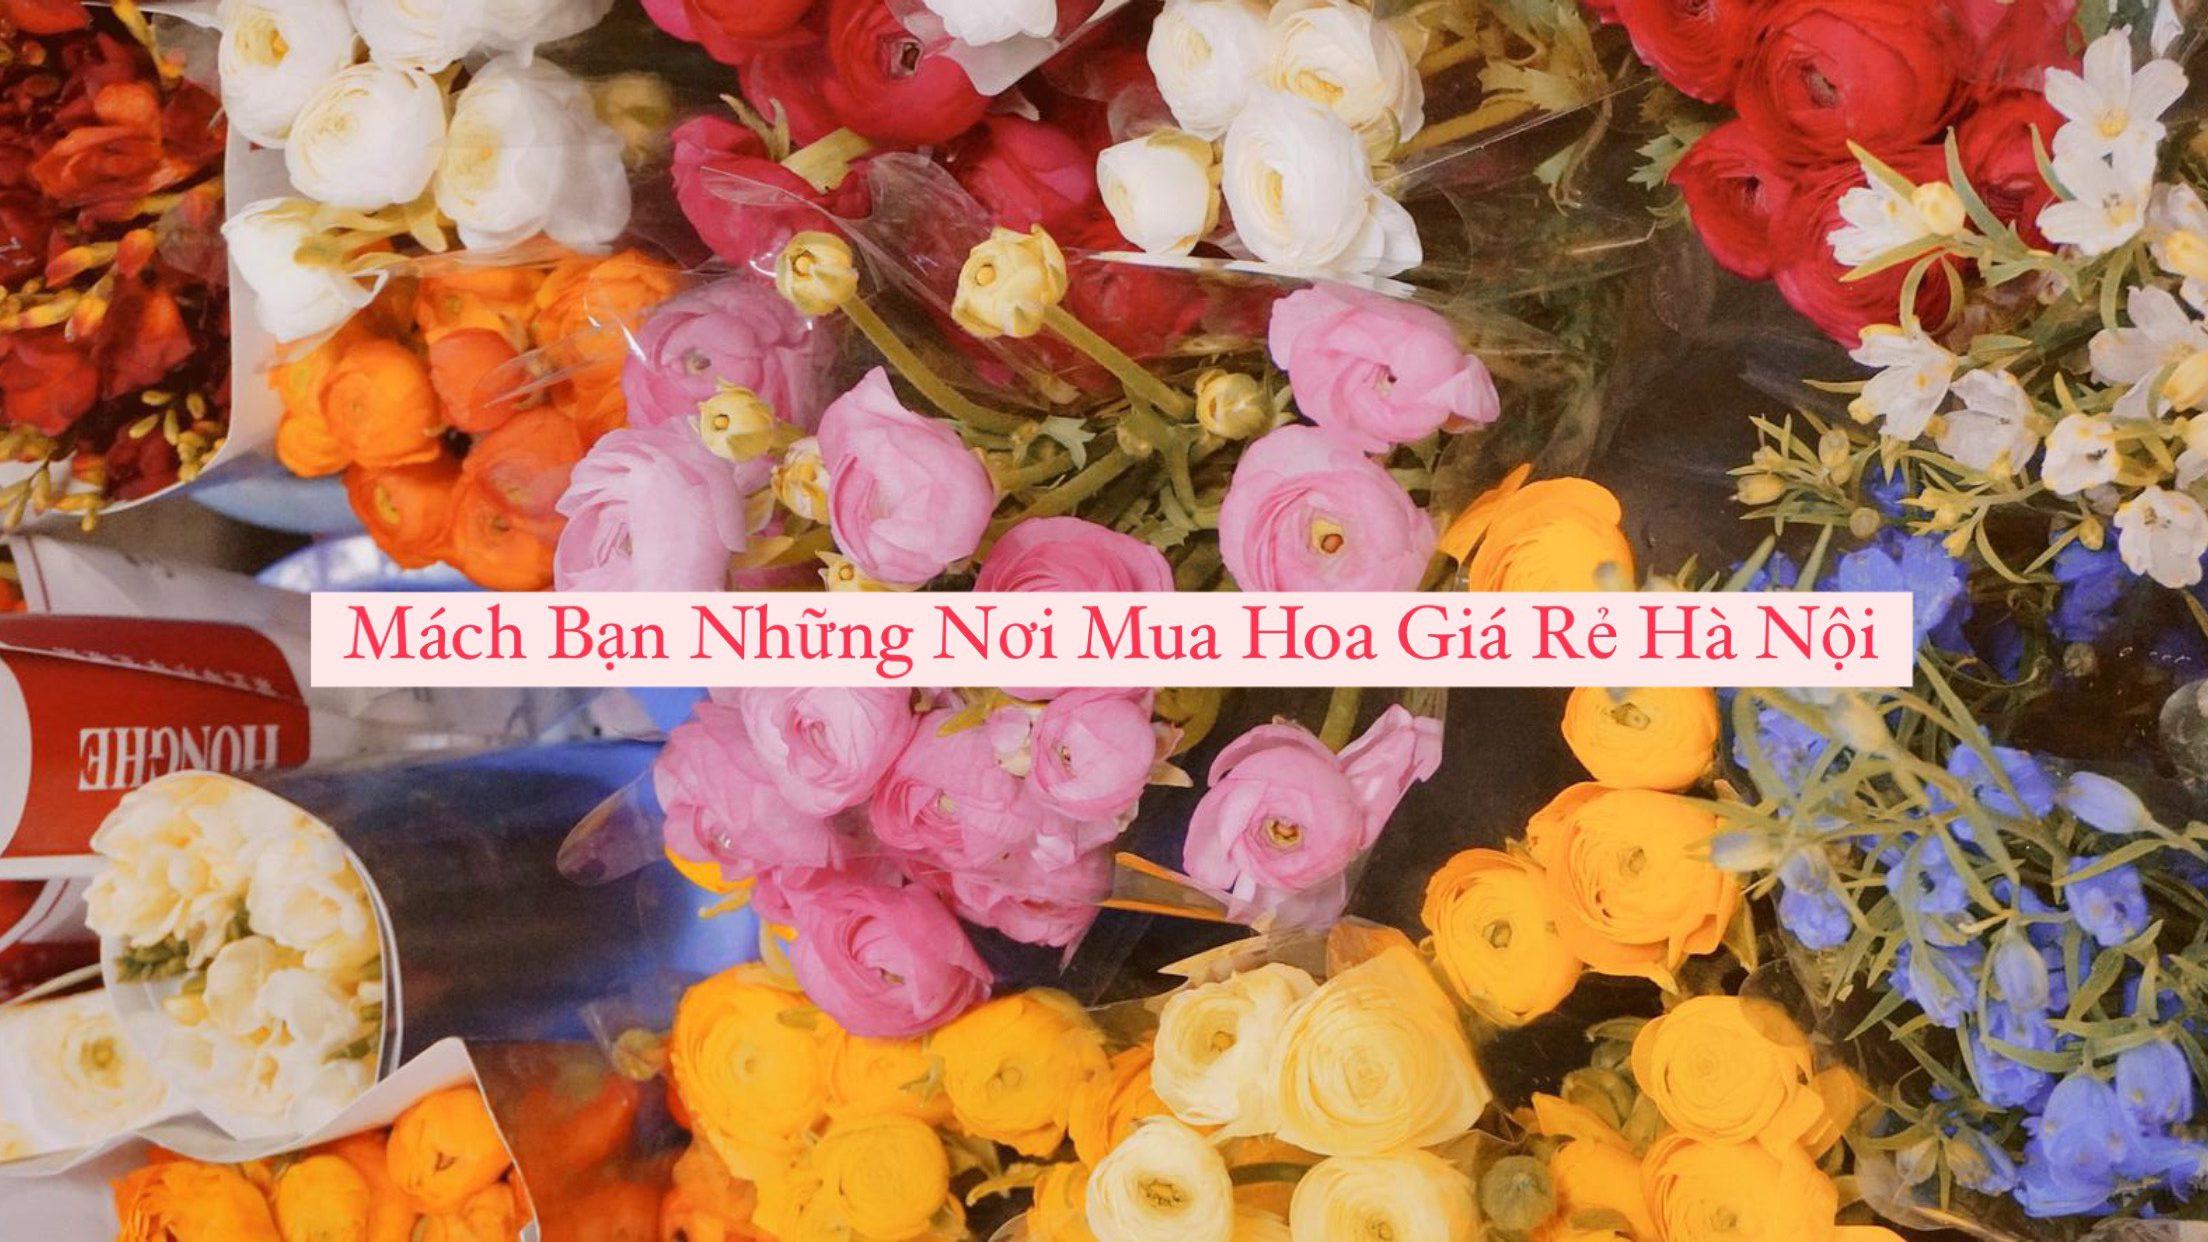 Mách Bạn Những Nơi Mua Hoa Tươi Giá Rẻ Tại Hà Nội